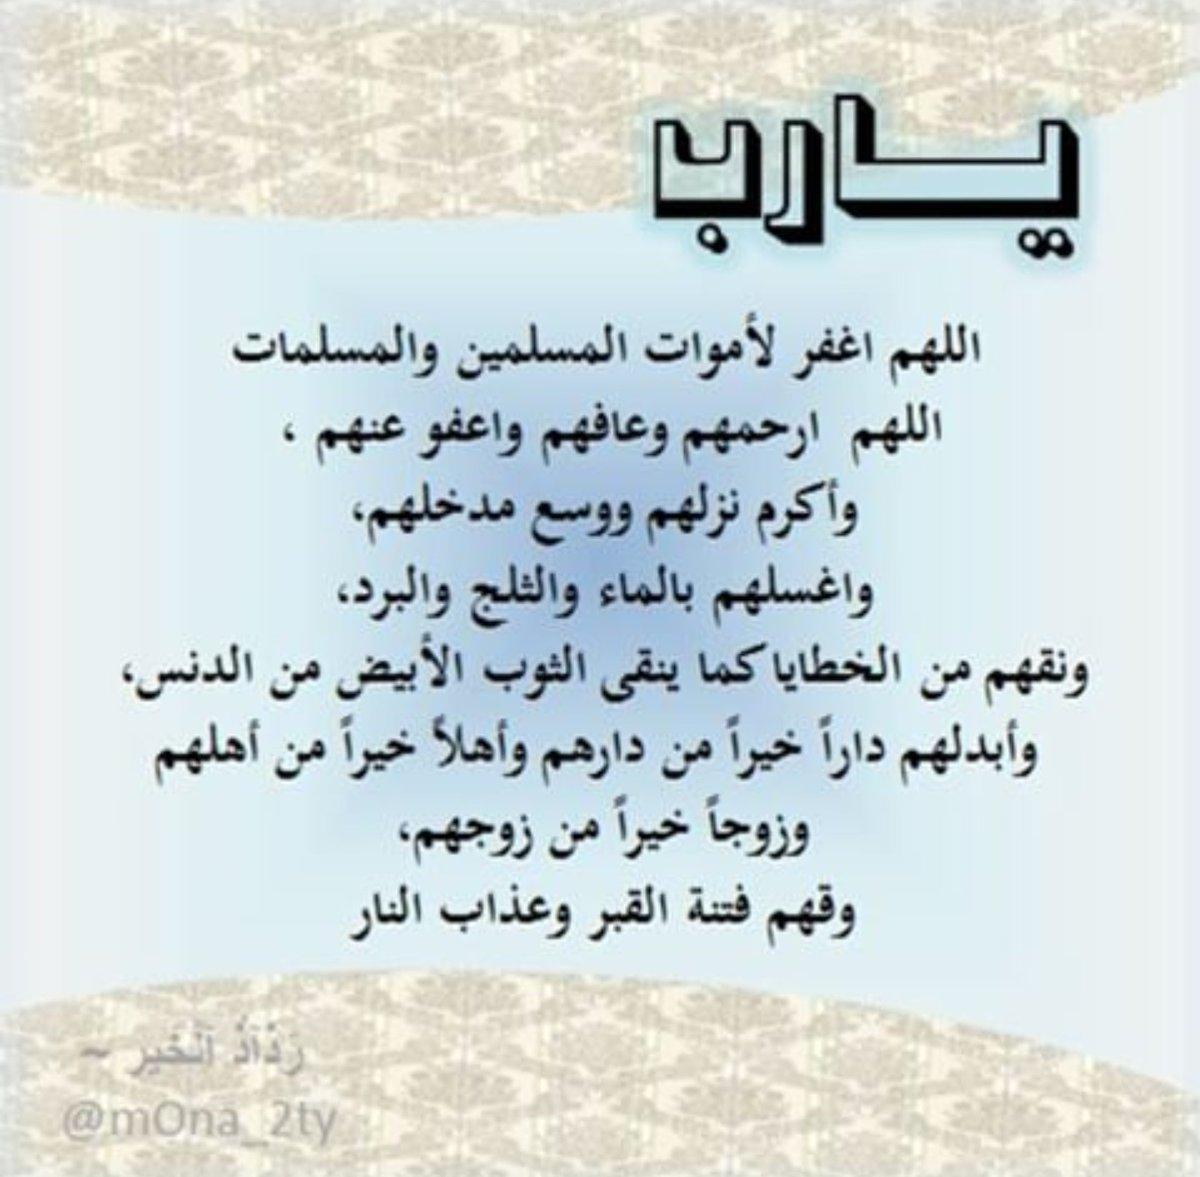 صور دعاء للميت في رمضان 2019 صور مكتوب عليها دعاء للميت برمضان رمزيات دعاء للاموت رمضان مجلة رجيم